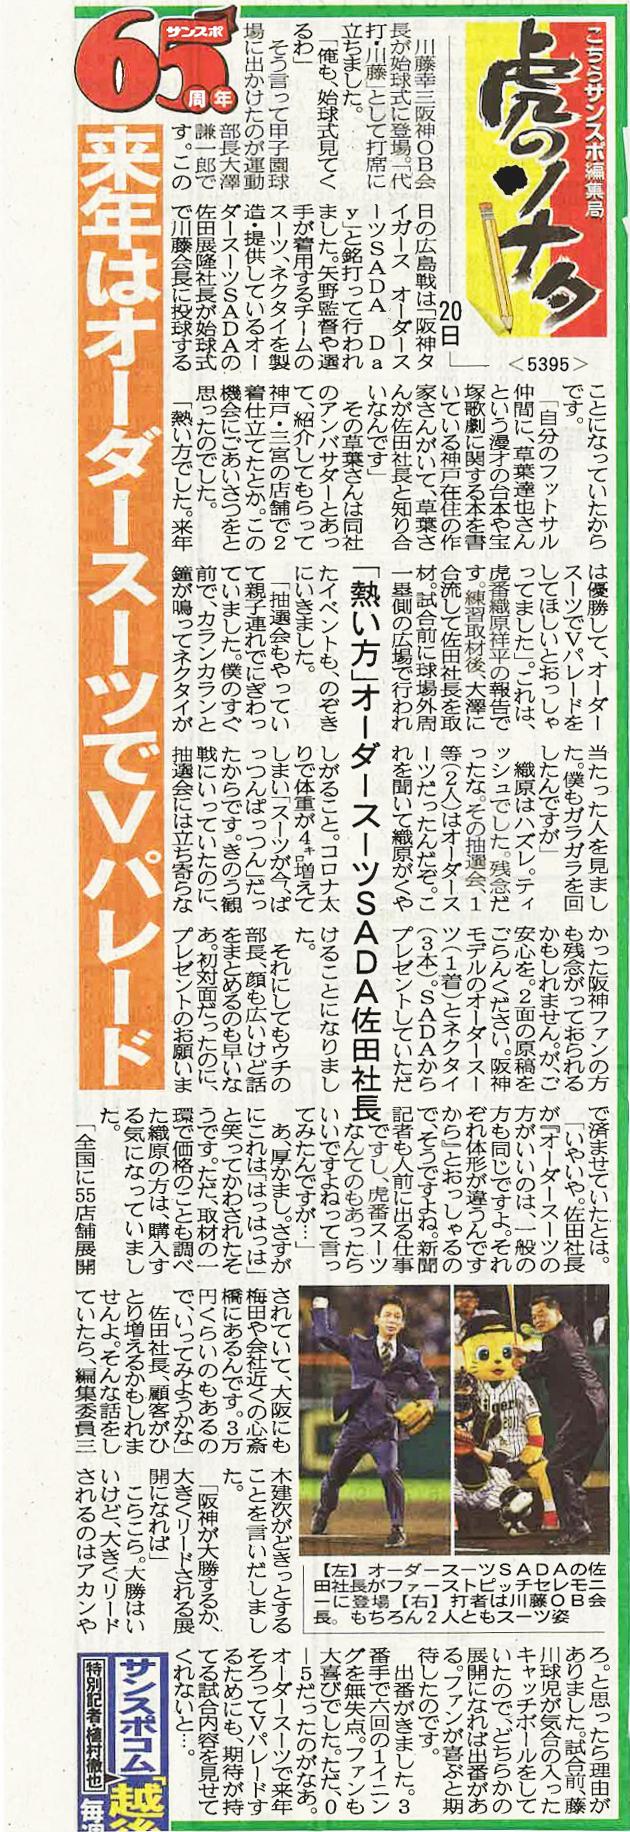 「サンケイスポーツ」に掲載されました!